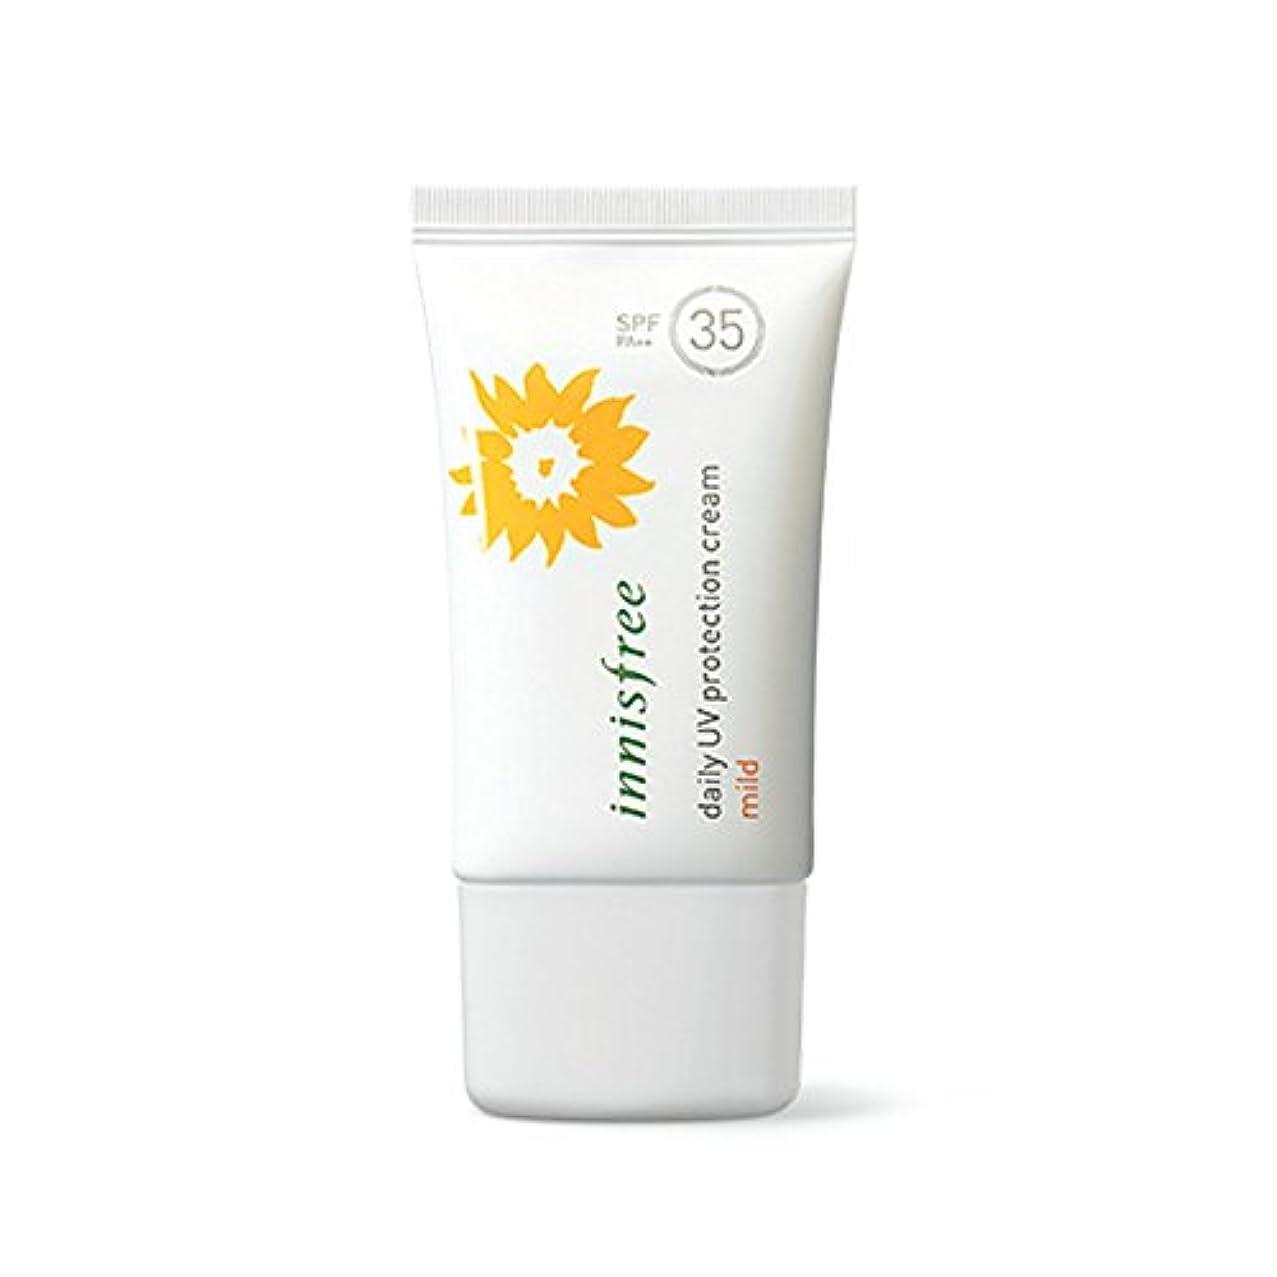 胃回答良性イニスフリーデイリーUVプロテクションクリーム50mlマイルドSPF35 + PA ++ Innisfree Daily UV Protection Cream 50ml Mild SPF35+ PA++ [海外直送品]...